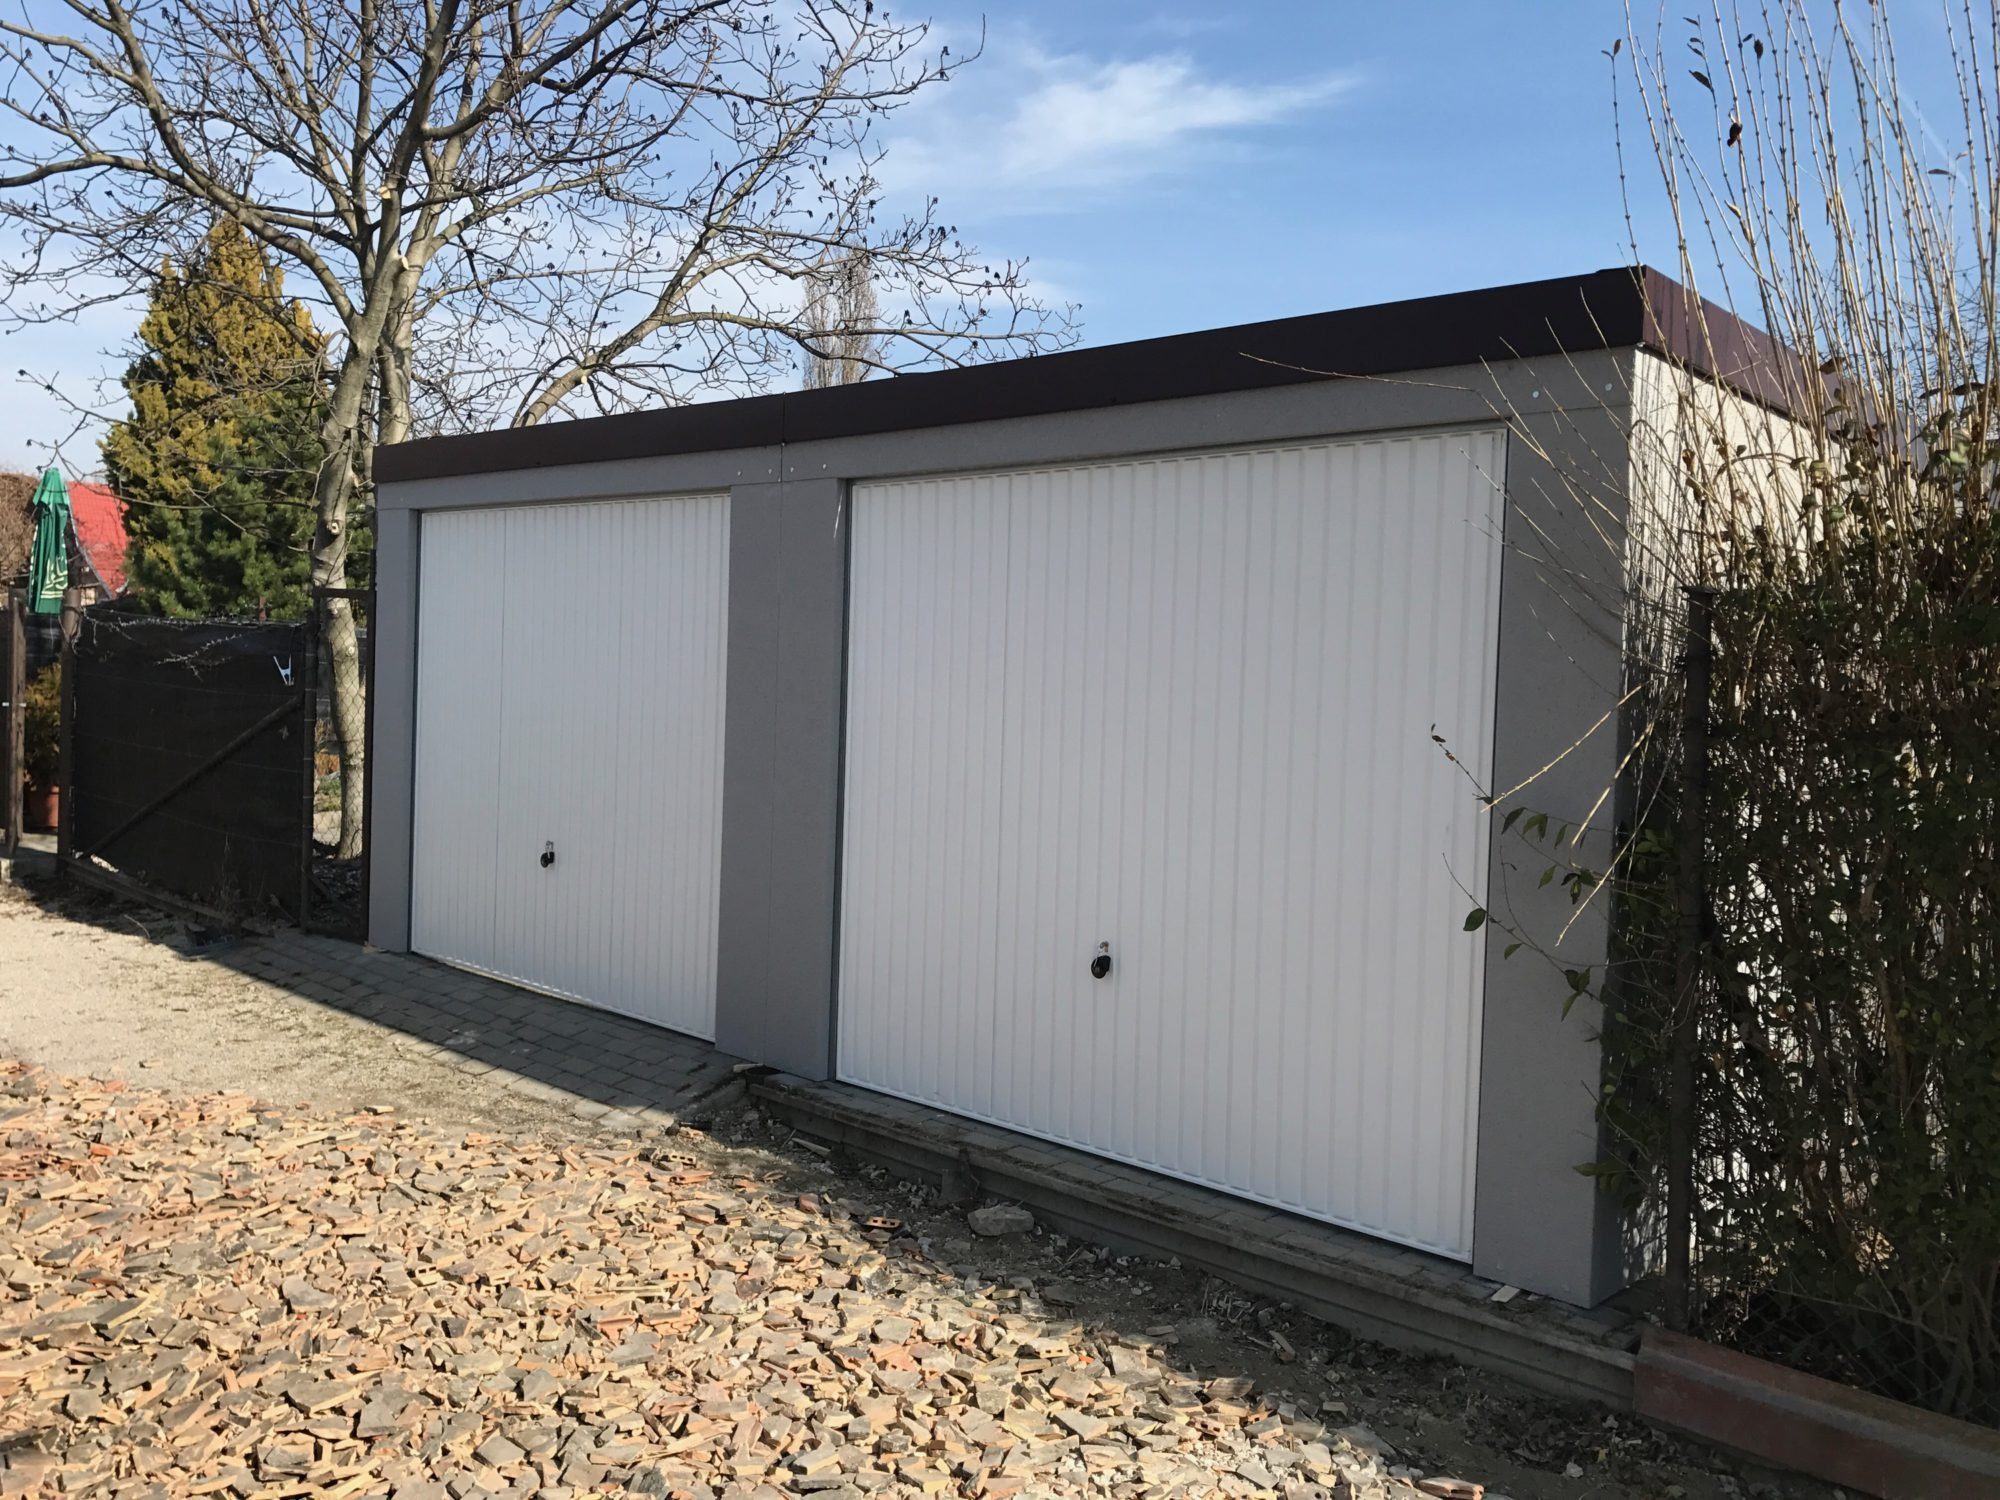 Montovaná garáž pre dve autá s bielymi bránami